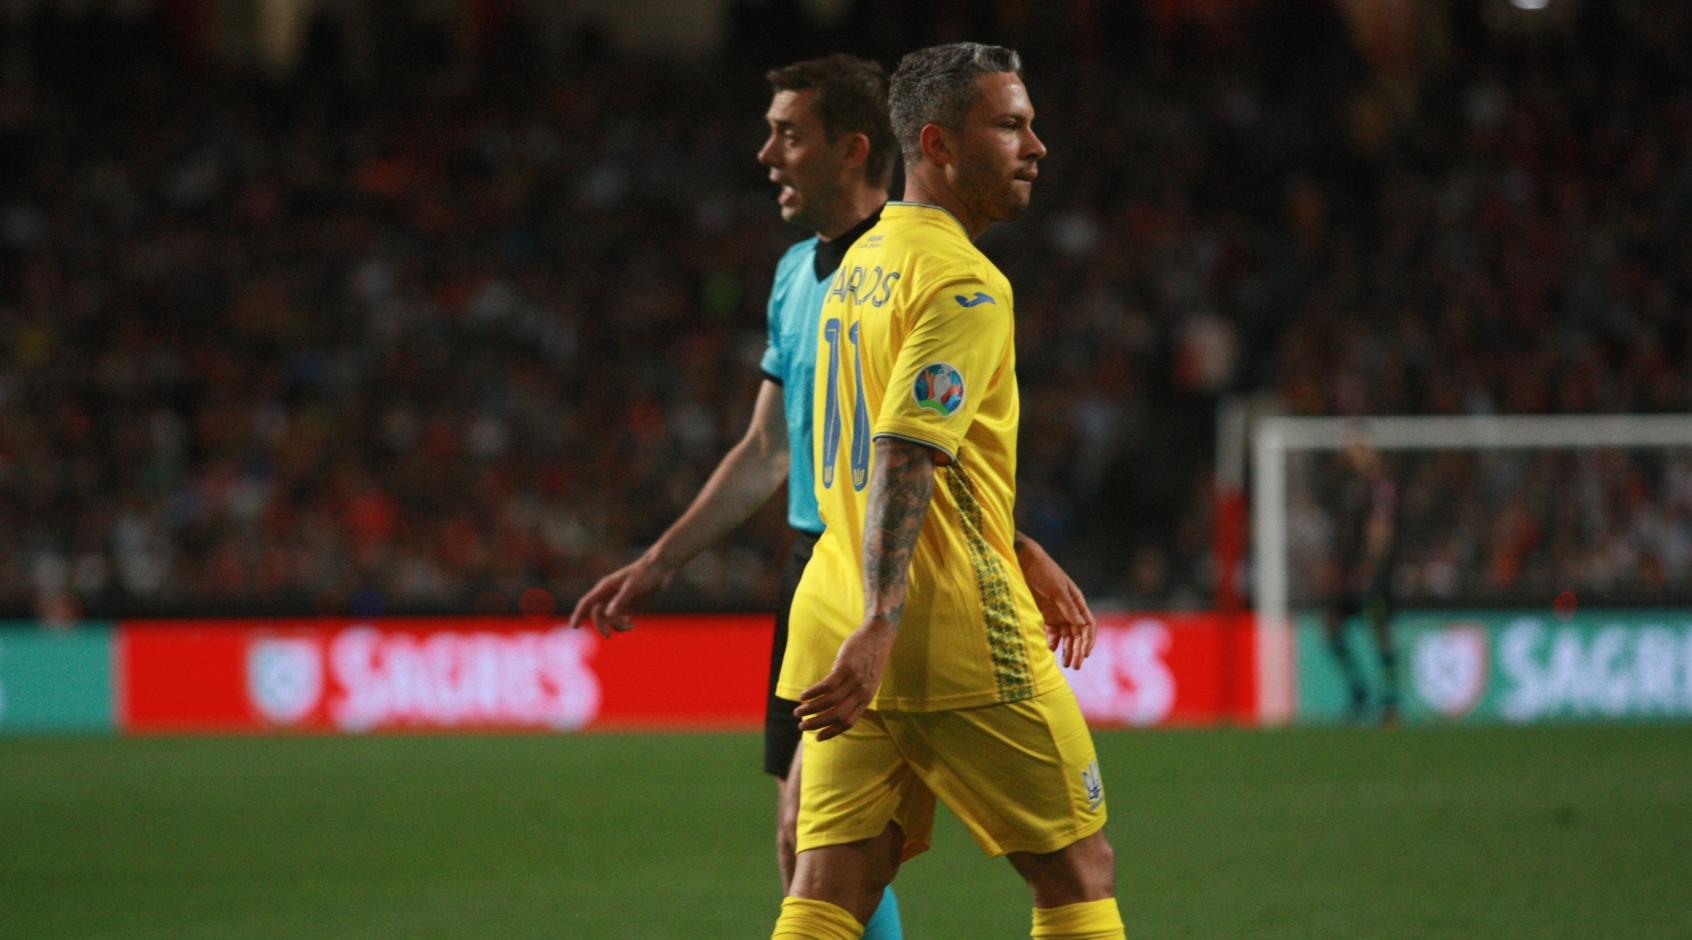 Марлос забил свой дебютный гол за сборную Украины